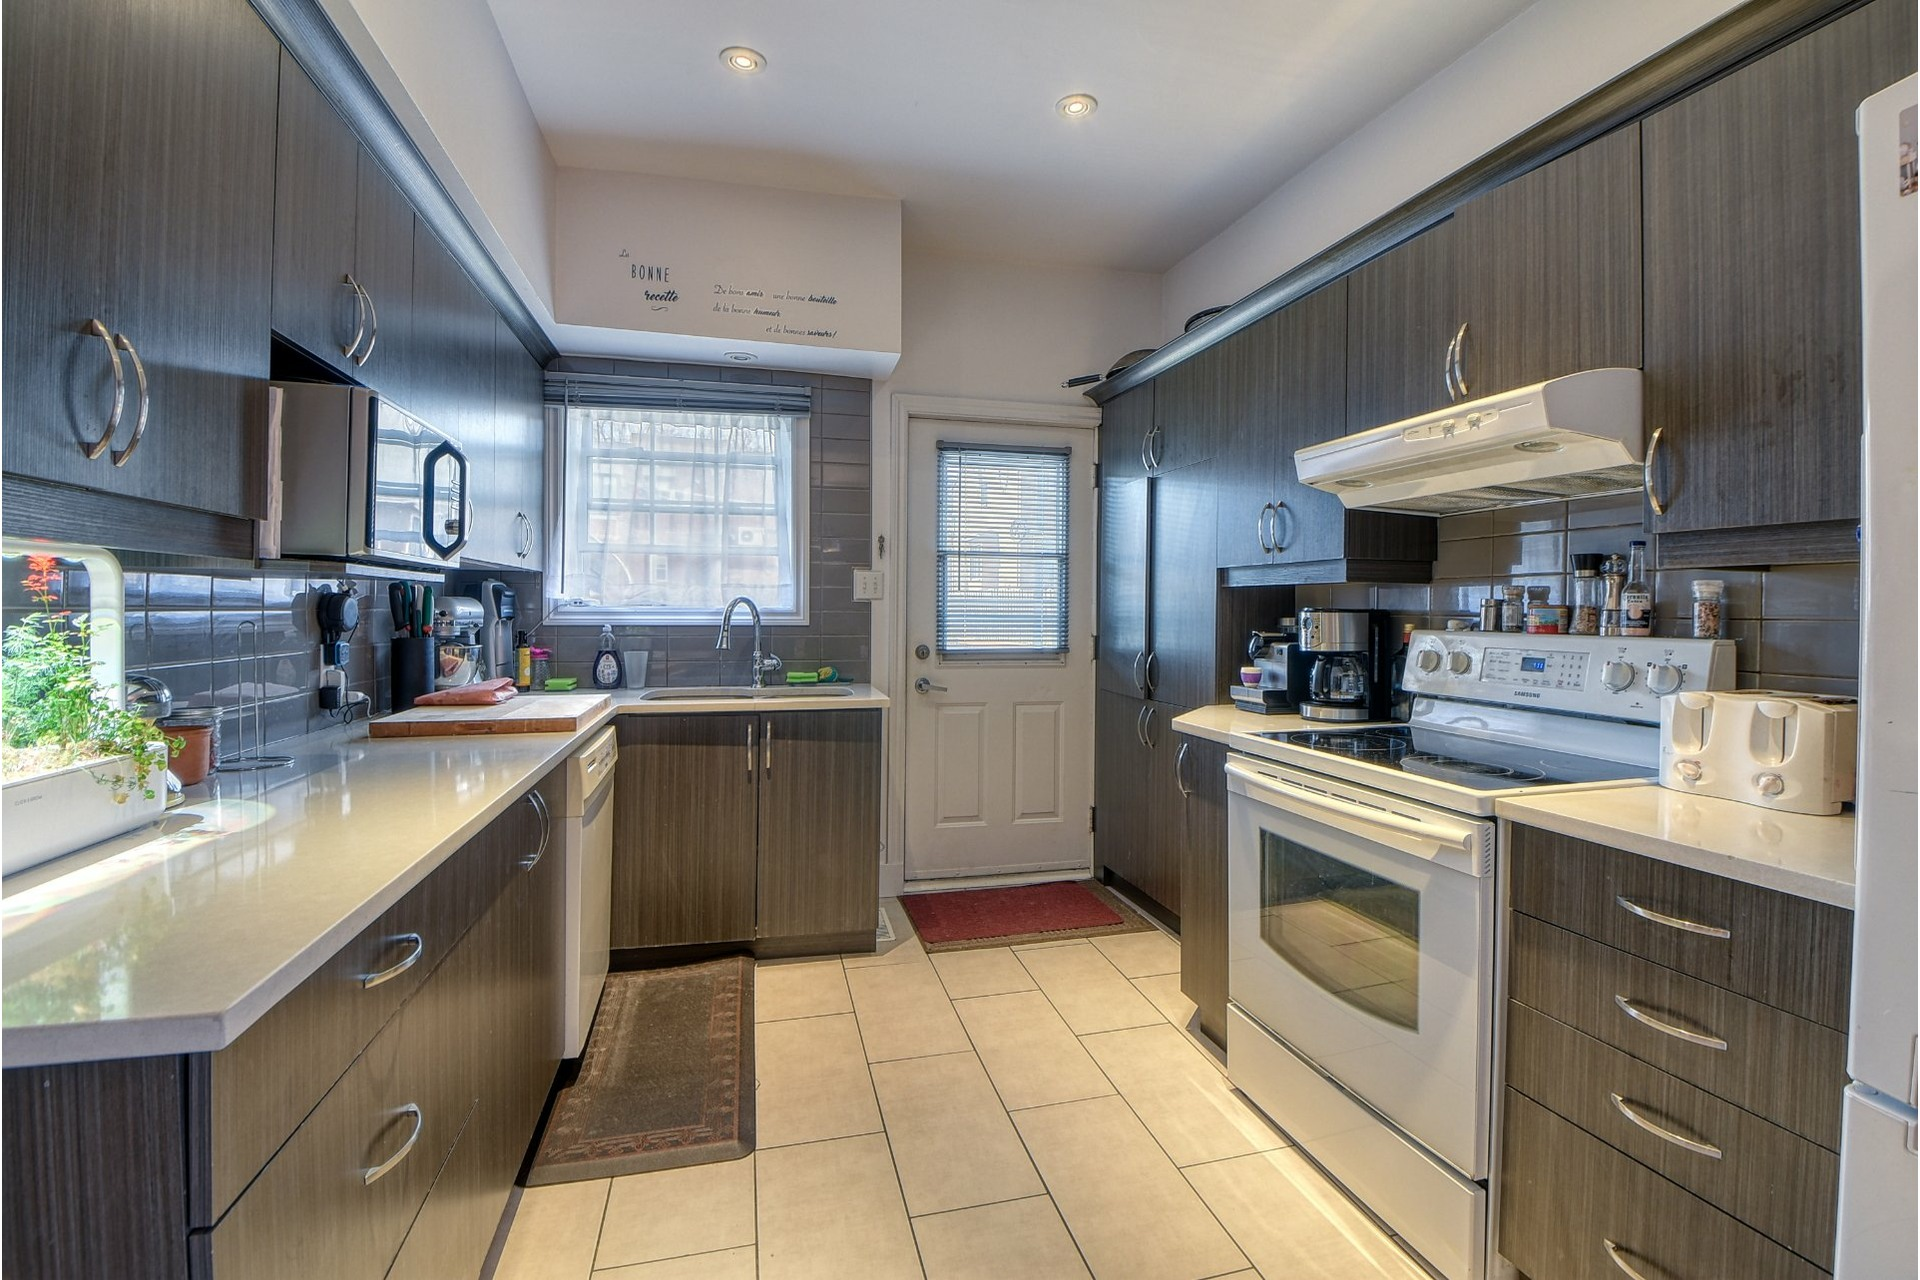 image 5 - Triplex For sale Le Sud-Ouest Montréal  - 9 rooms